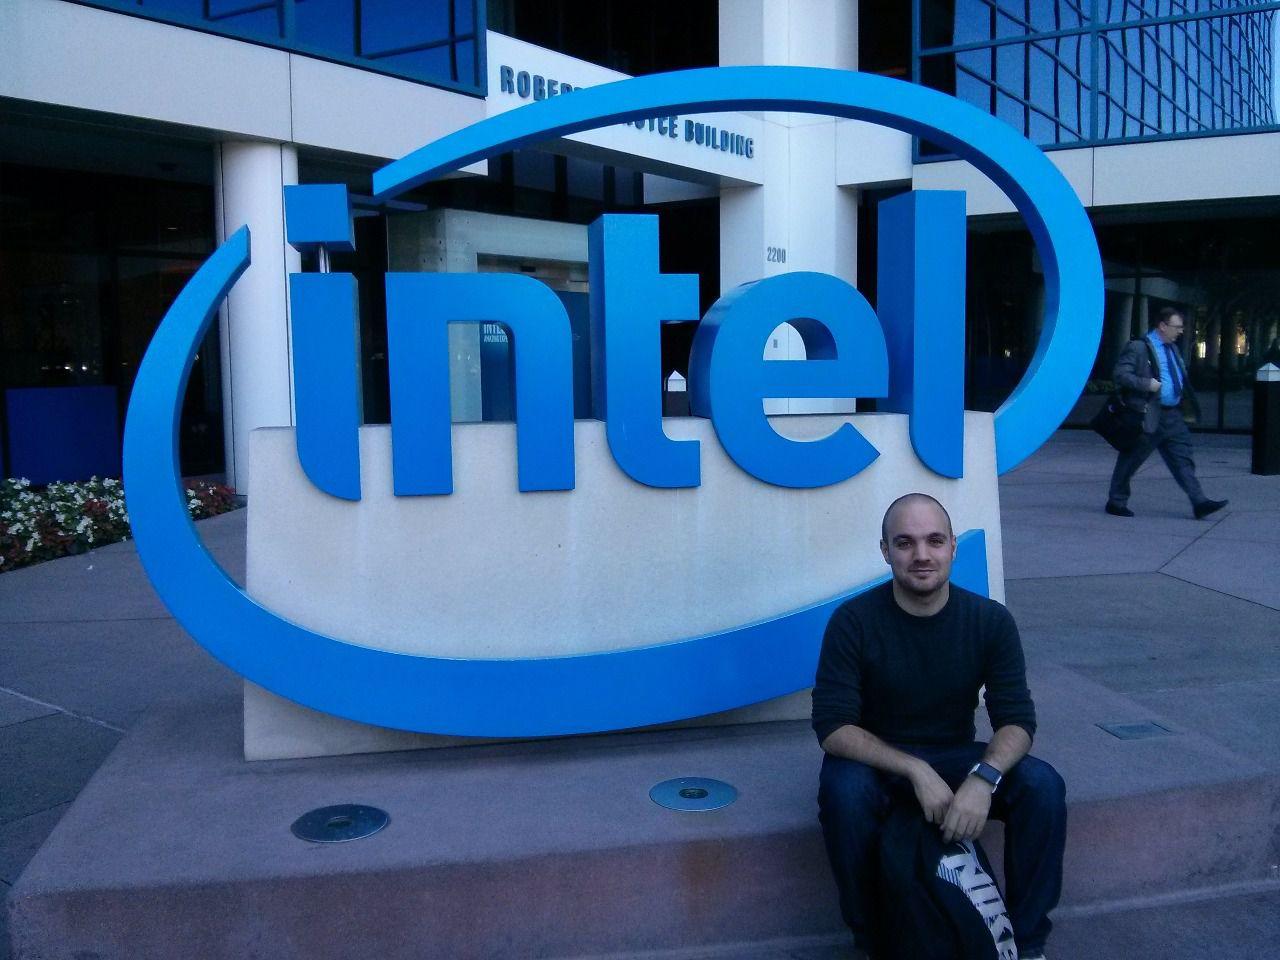 #DÍA1: Toma de contacto en Intel